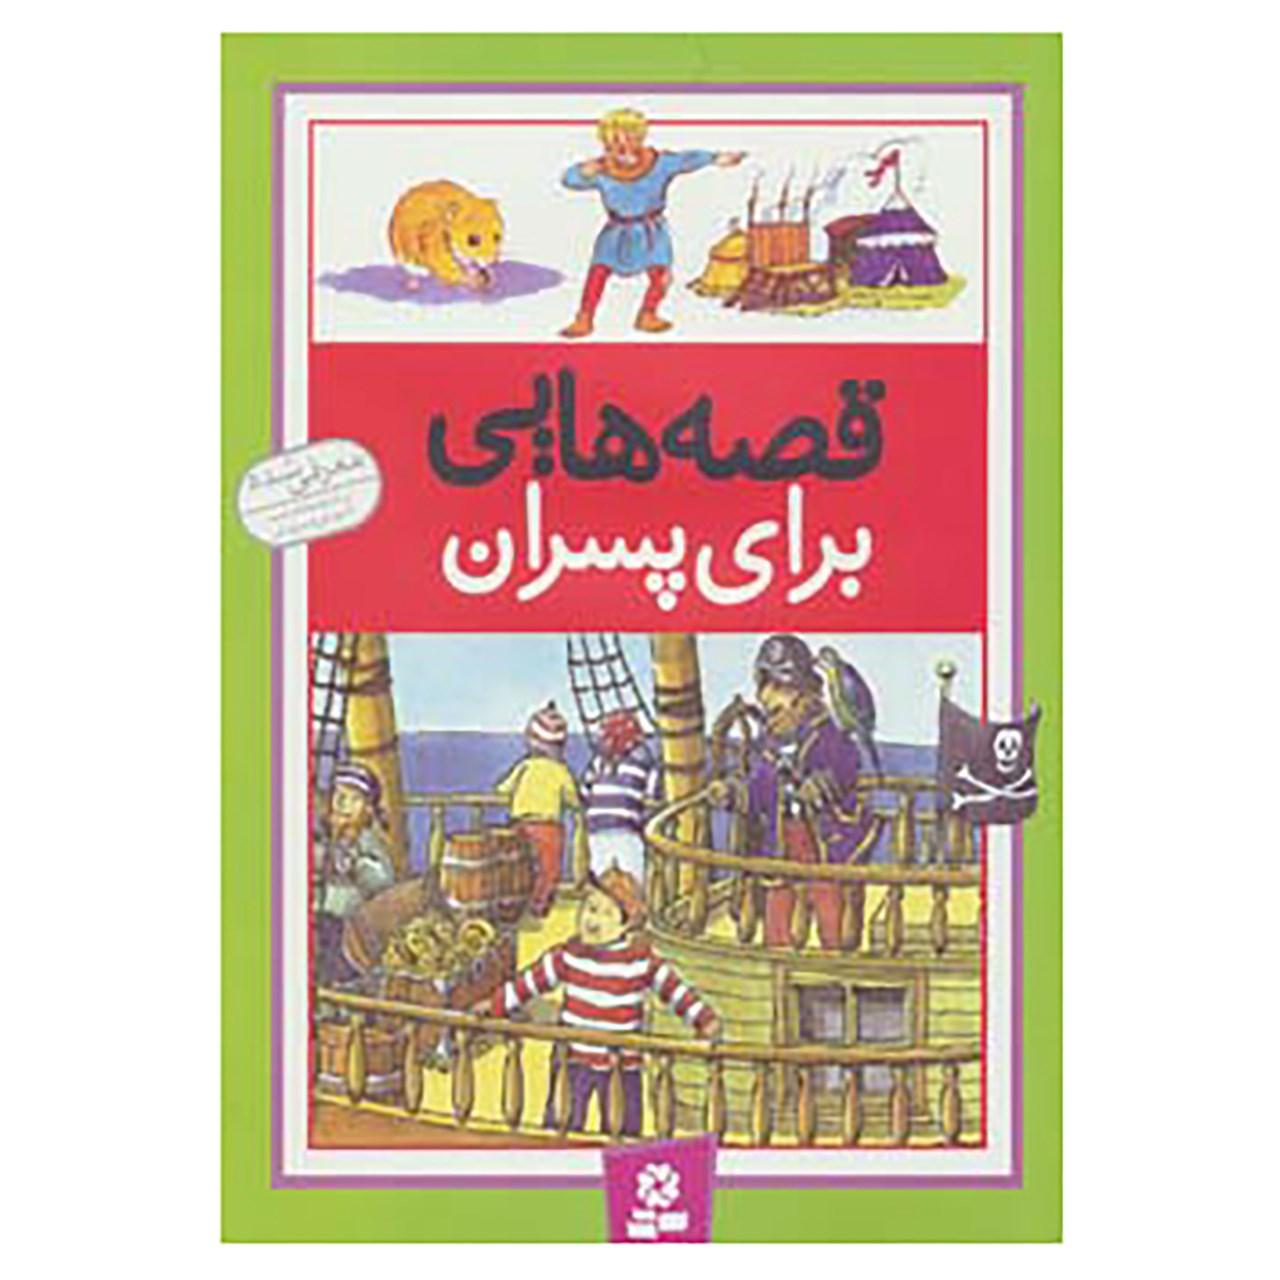 خرید                      کتاب قصه هایی برای پسران اثر درک هال و دیگران